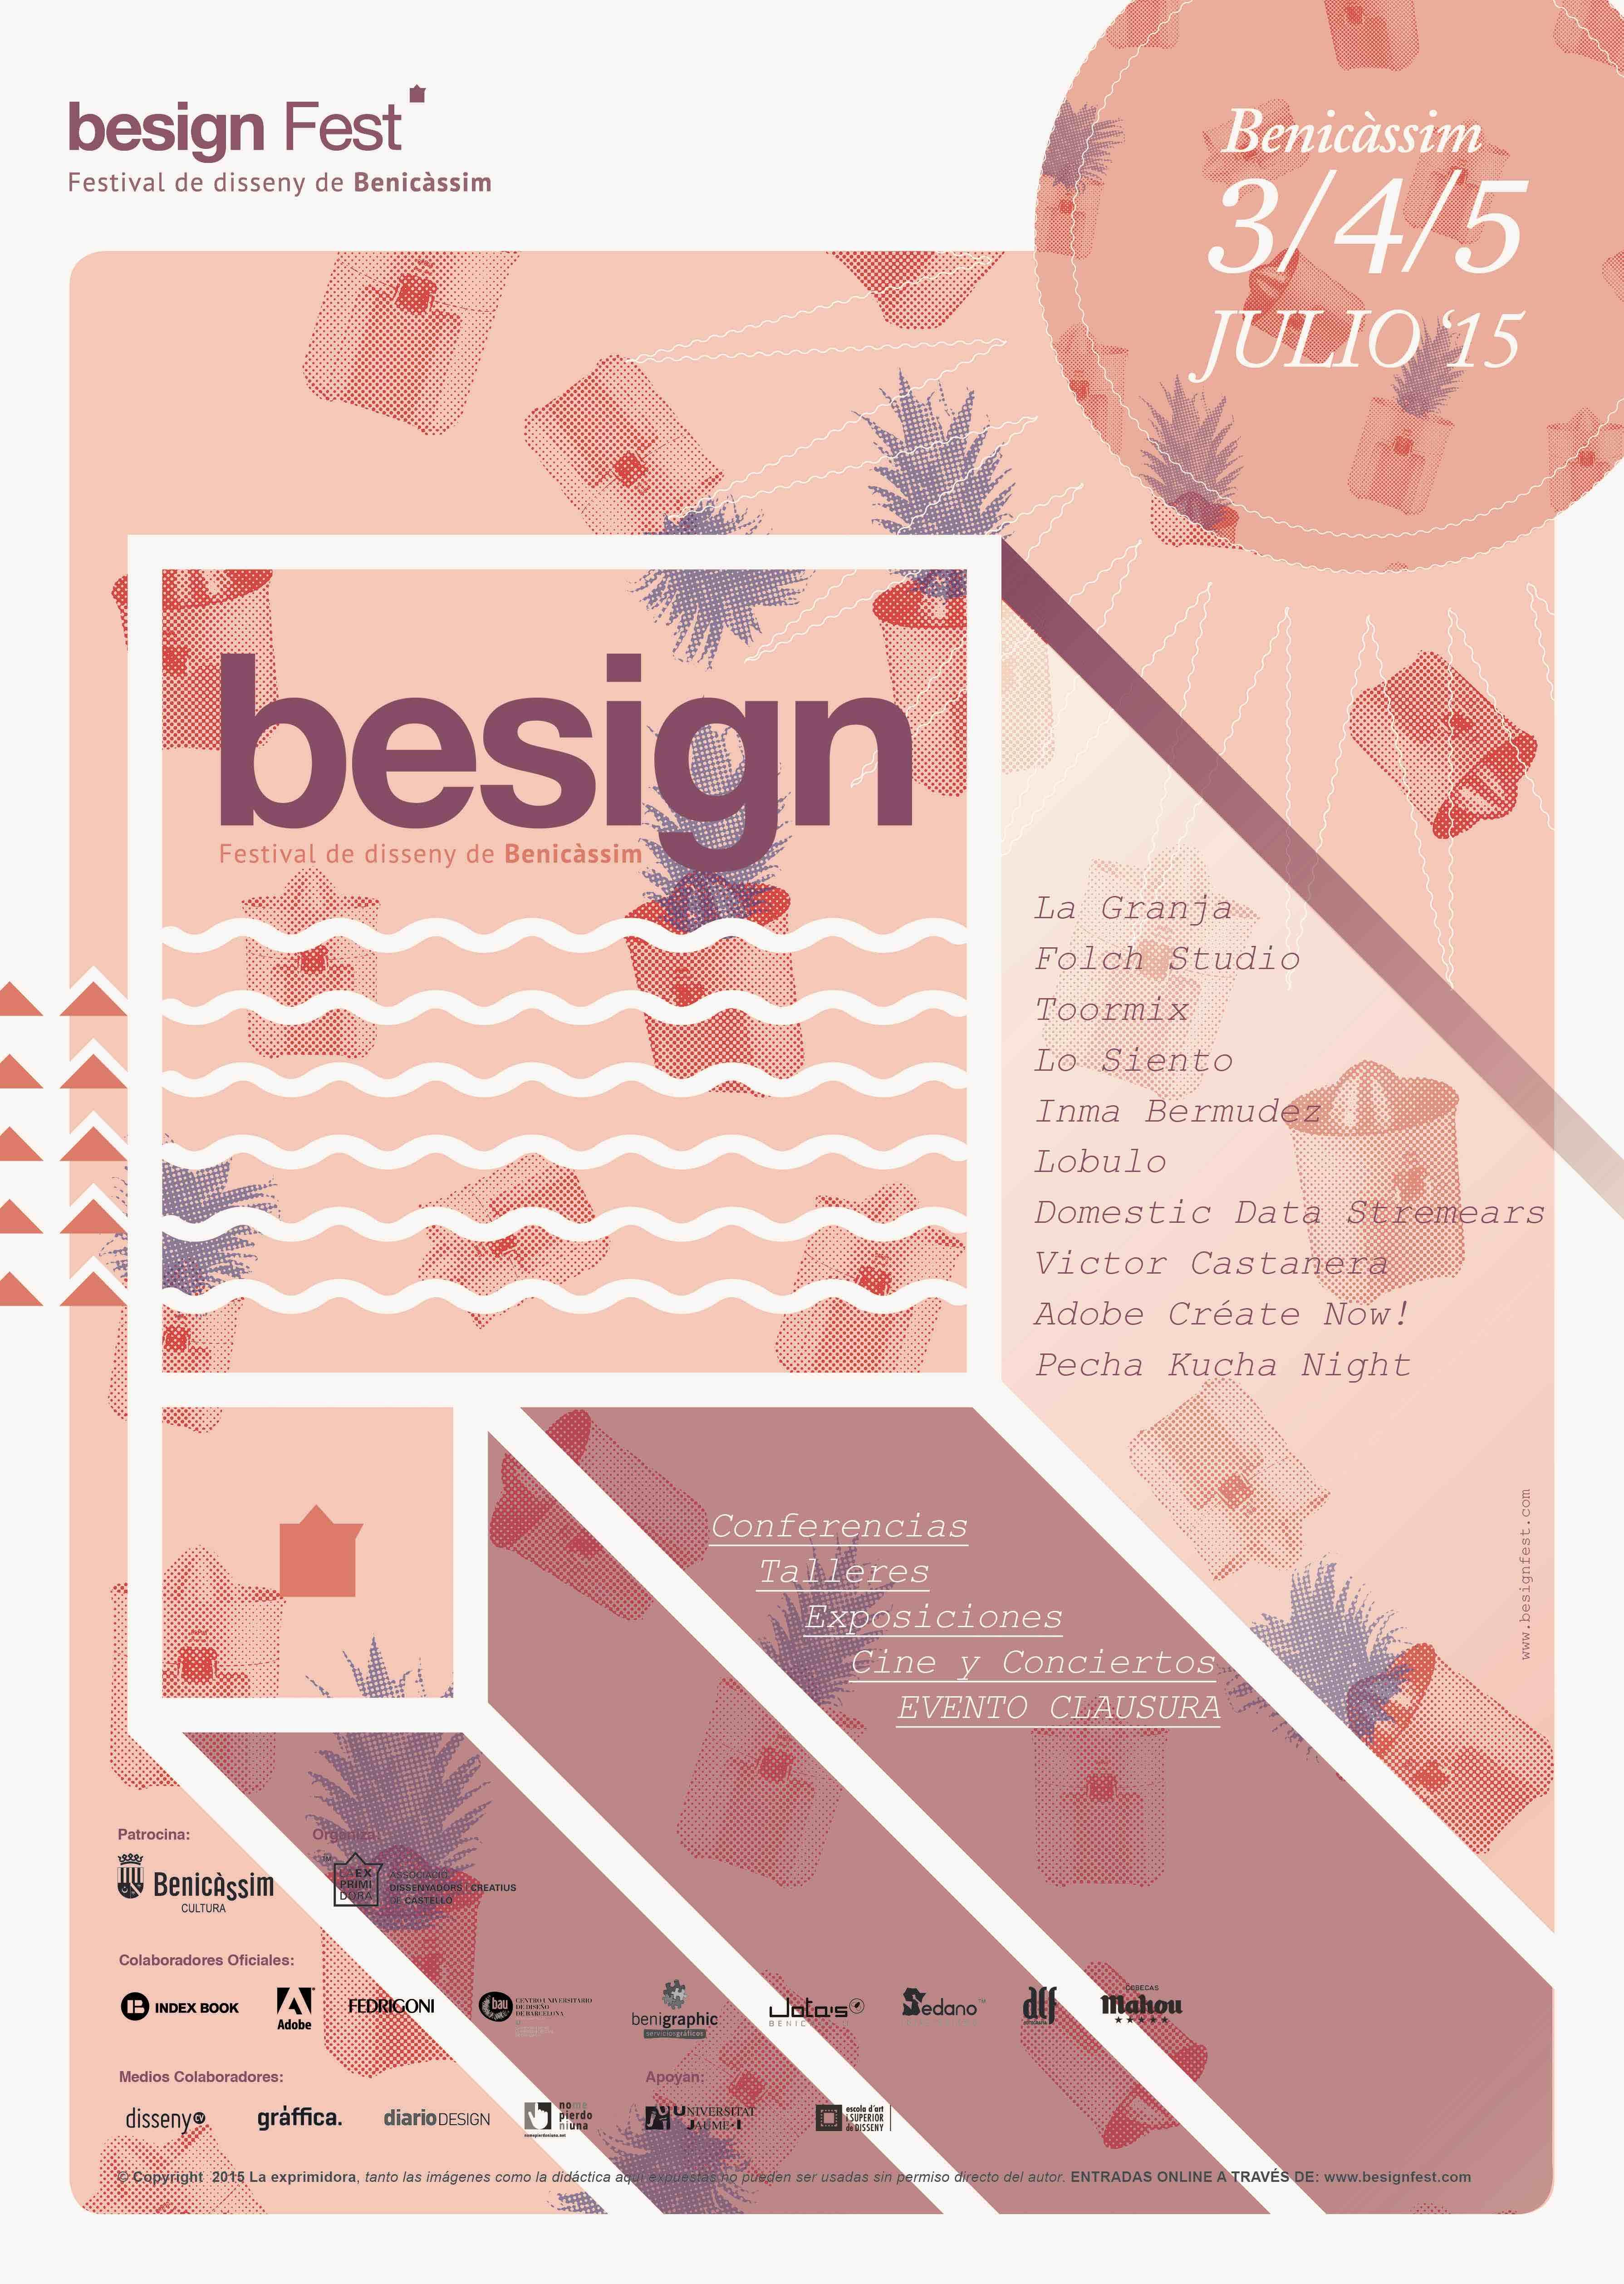 besign-fest-2015-1